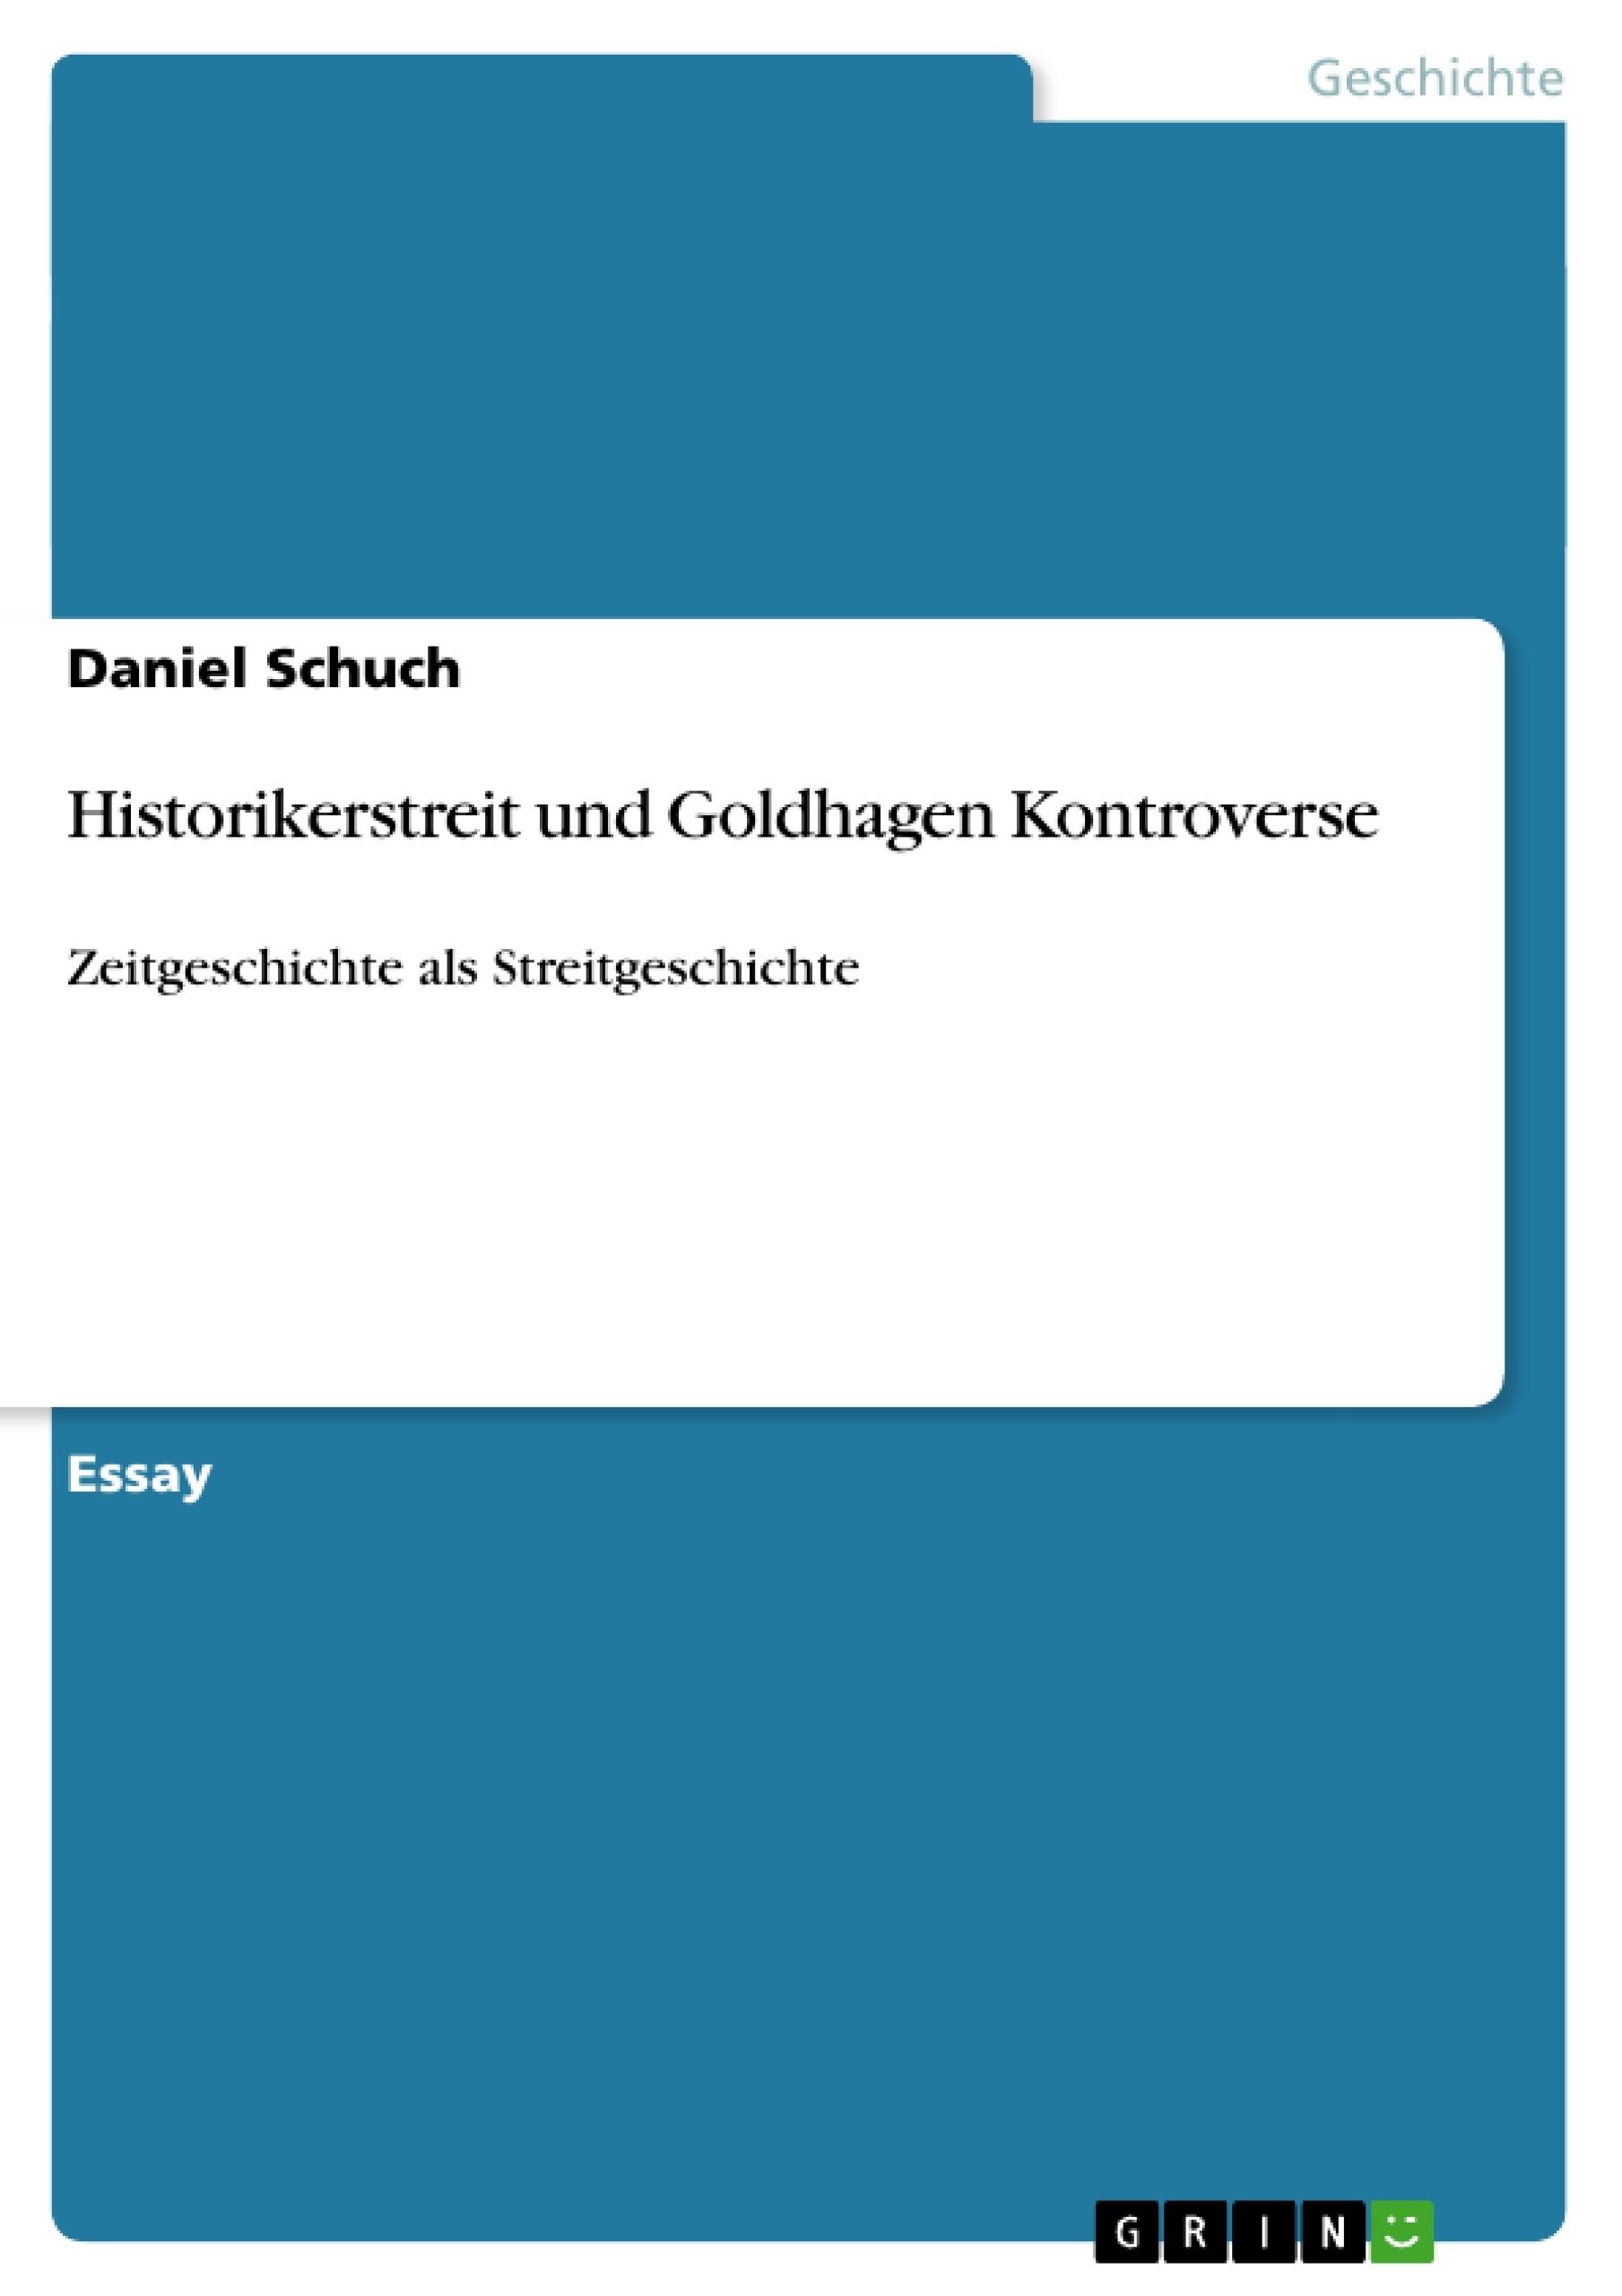 Titel: Historikerstreit und Goldhagen Kontroverse